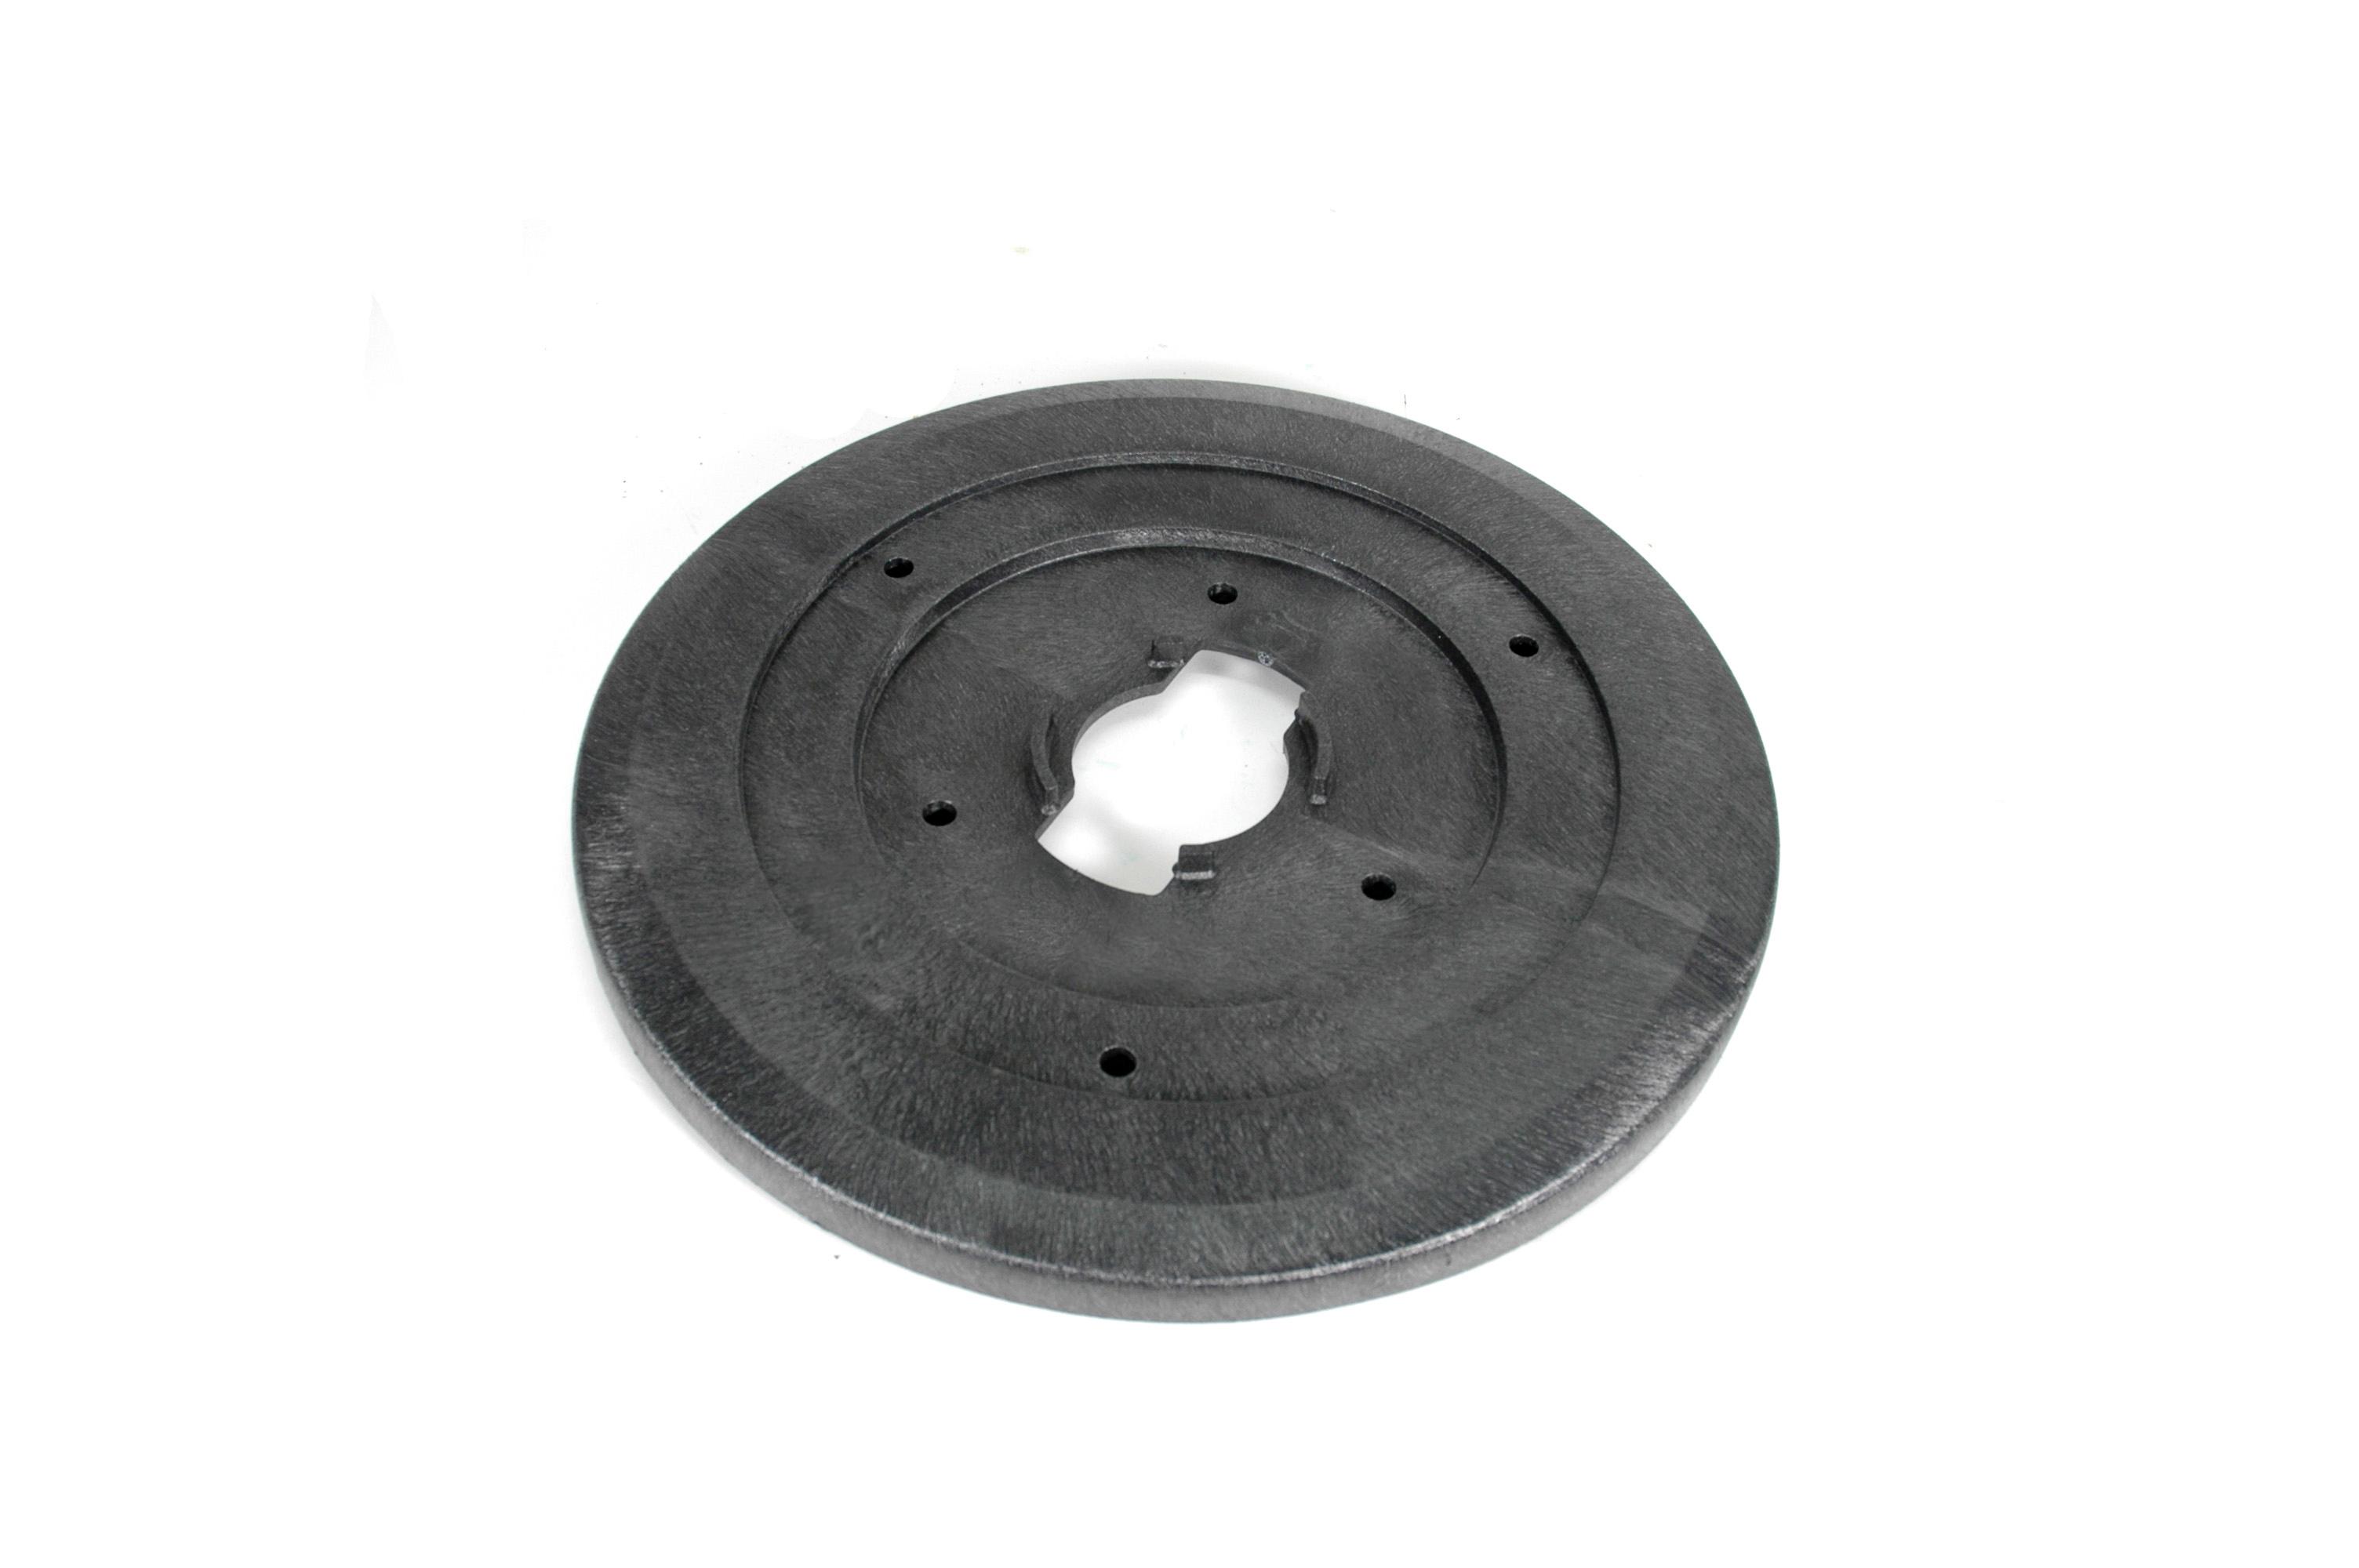 ТSP390 Плита опорная полиэтиленовая VGA